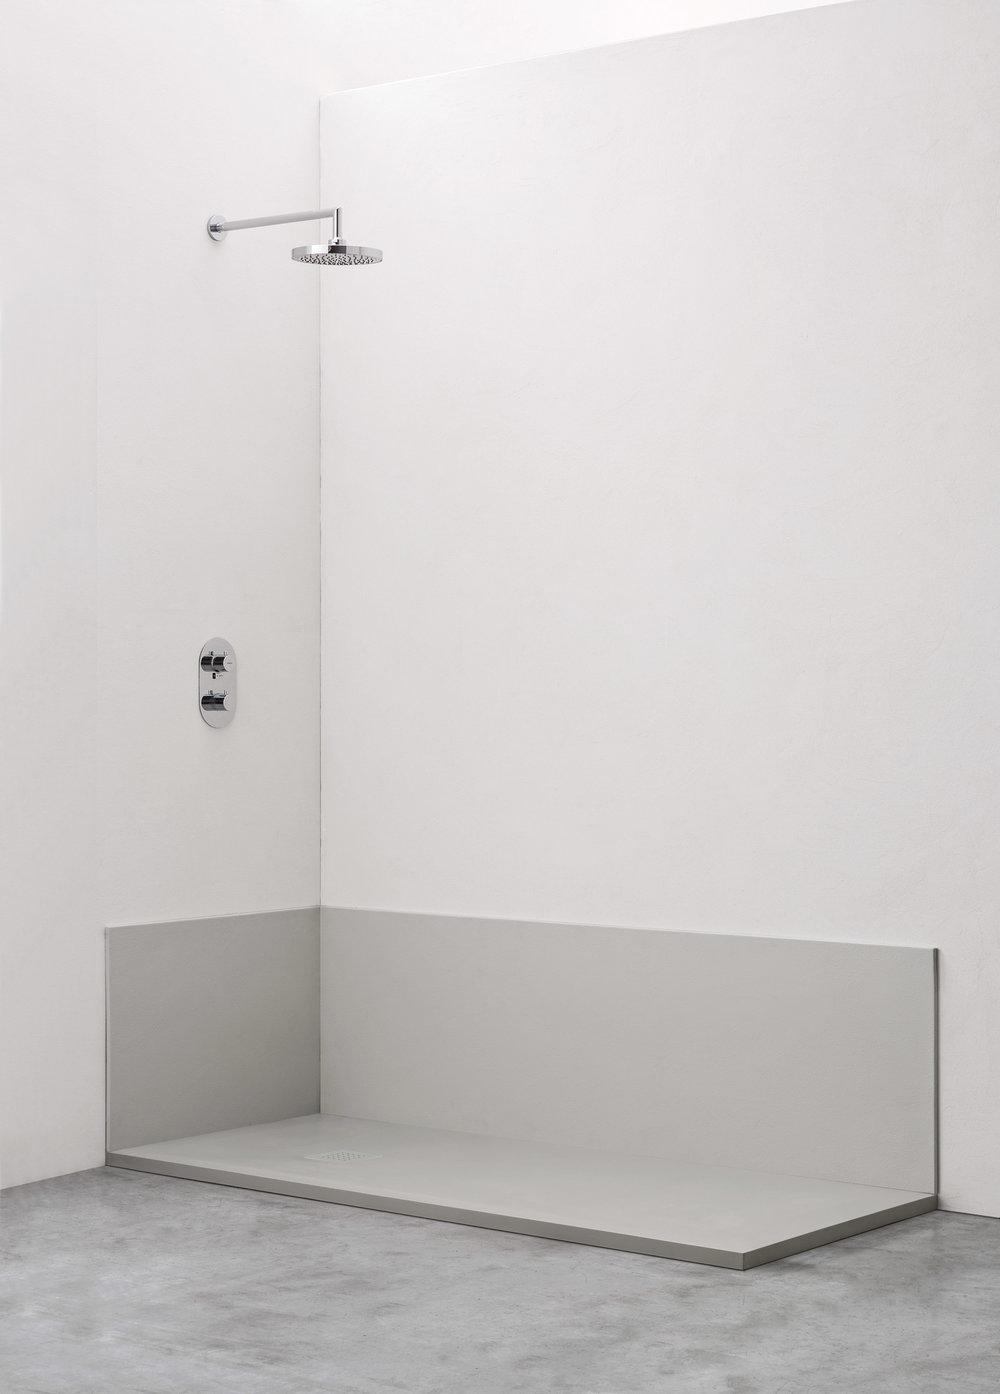 Rivestimento a fascia singola - Il pannello riveste solo la fascia inferiore della parete angolare, per completare lo spazio di una precedente vasca o come semplice scelta di stile.